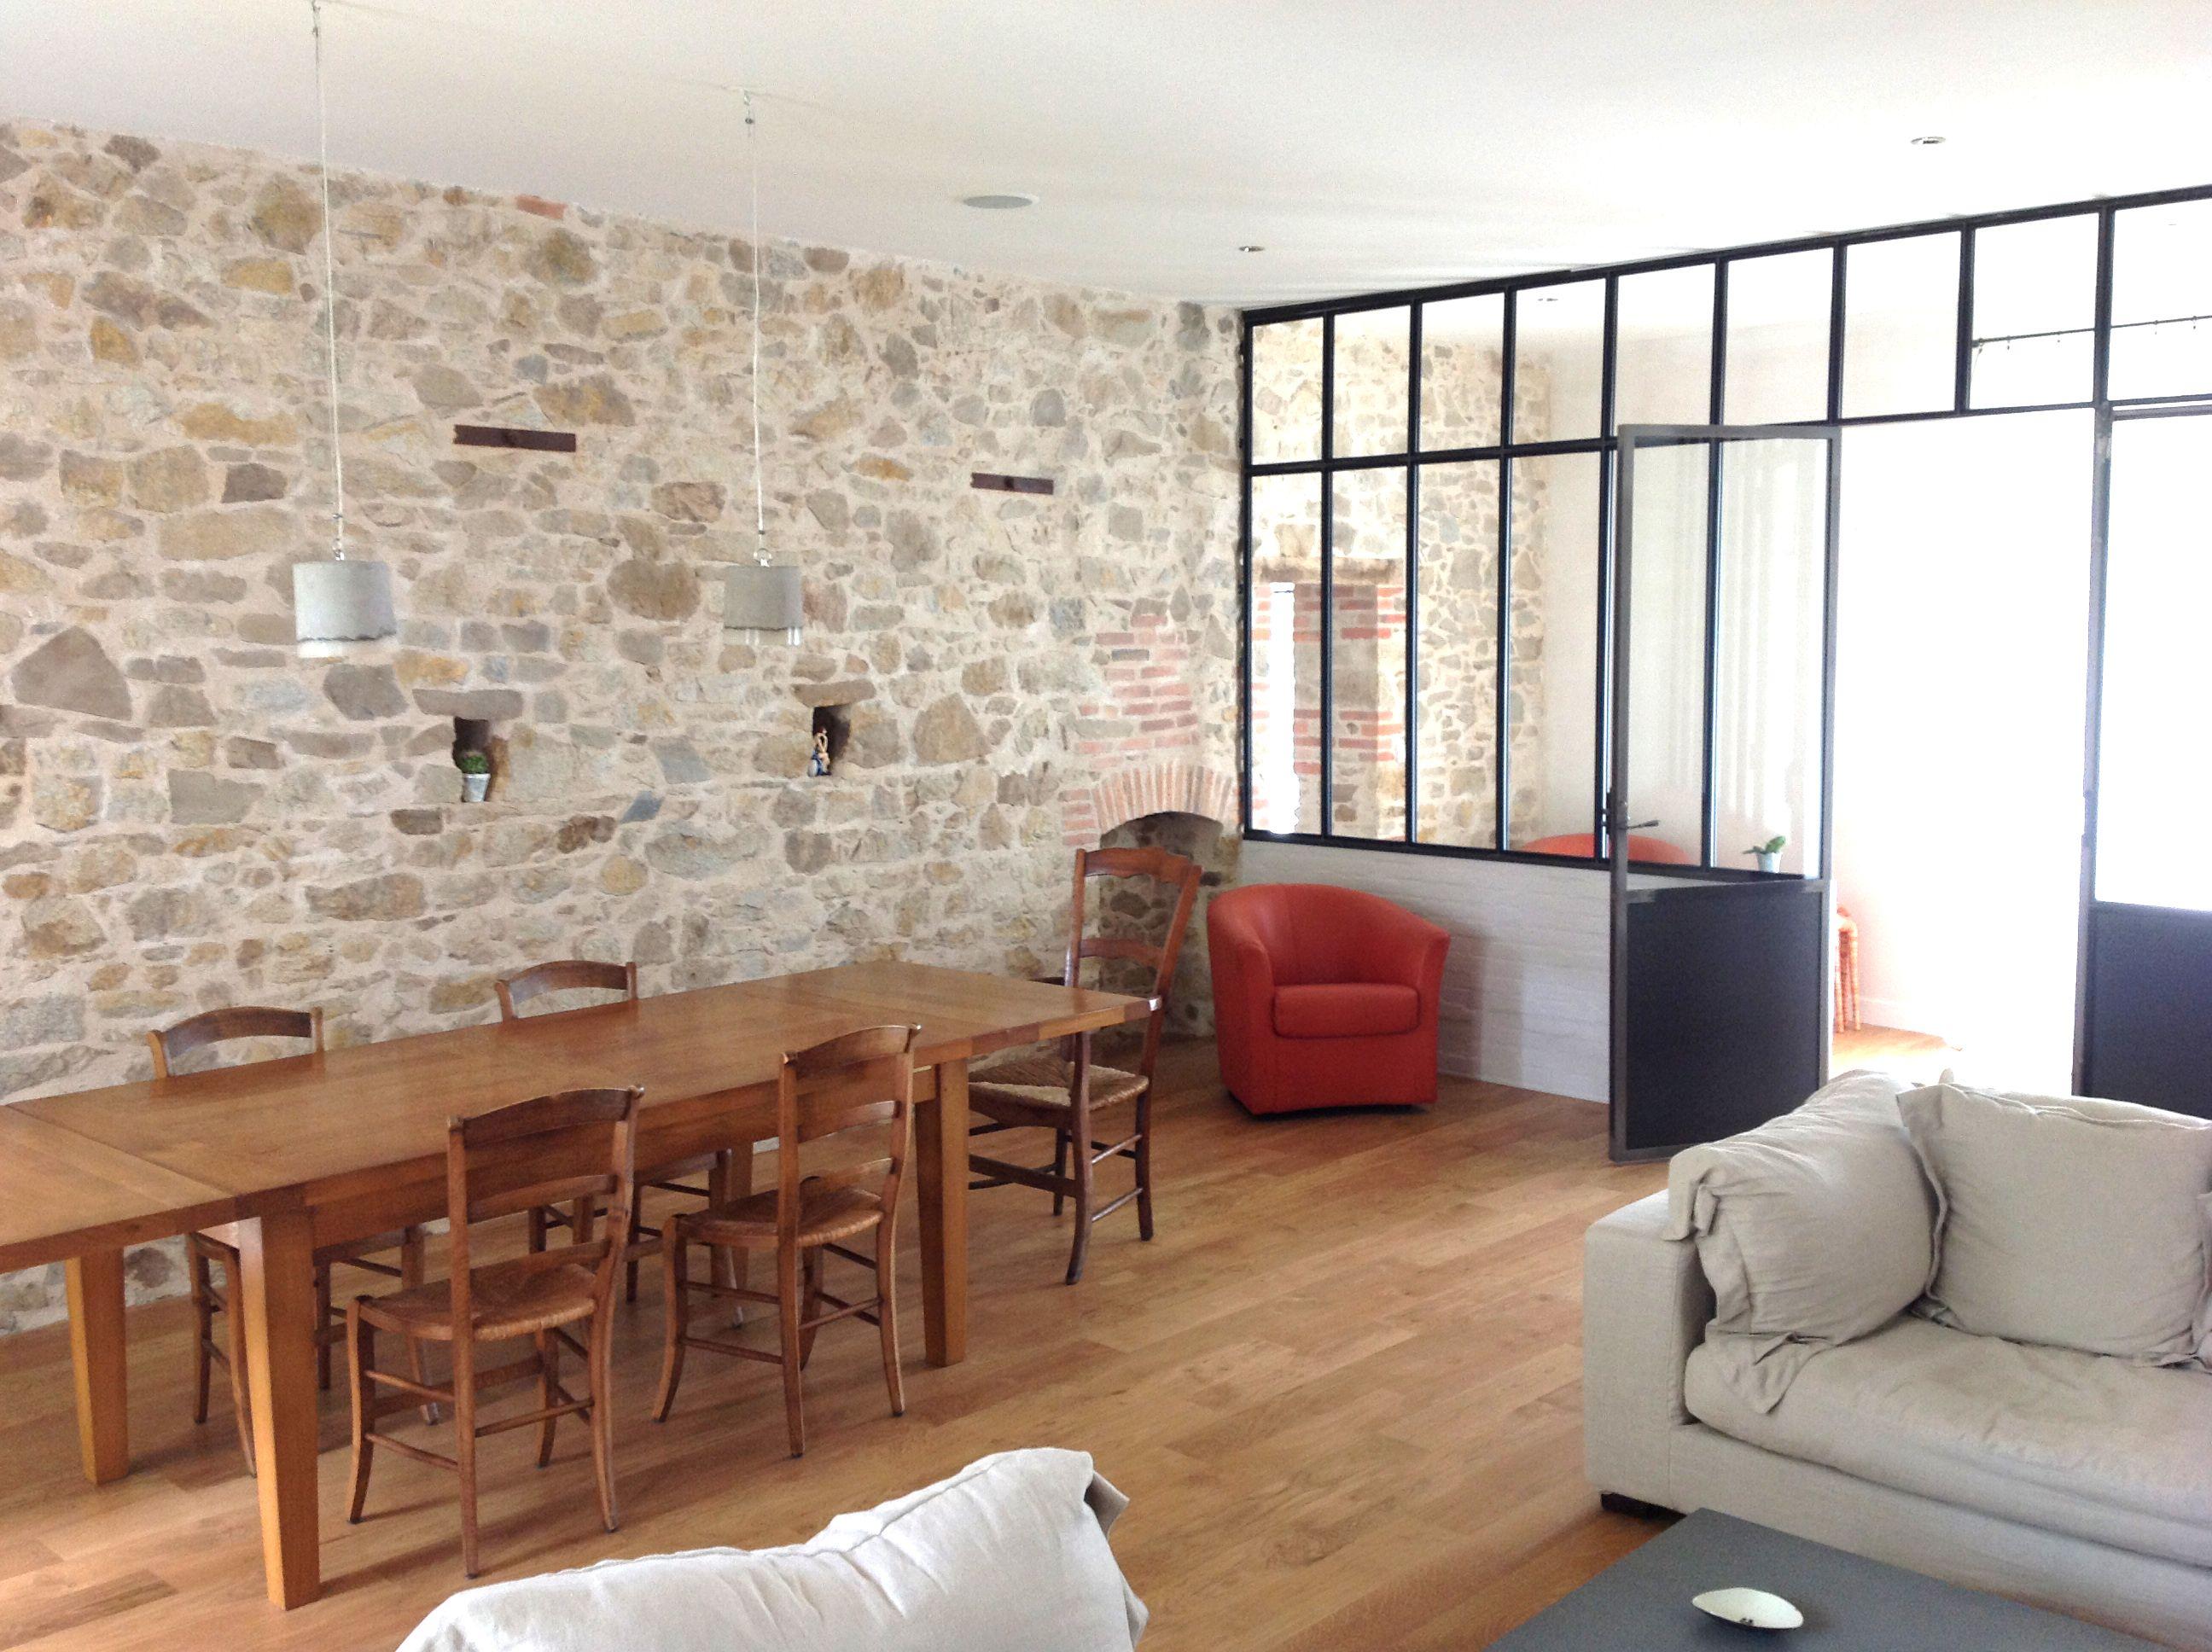 Enduit Blanc Mur Exterieur enduit-baticlay-interieur-blanc-arcadie-realisation-argilus